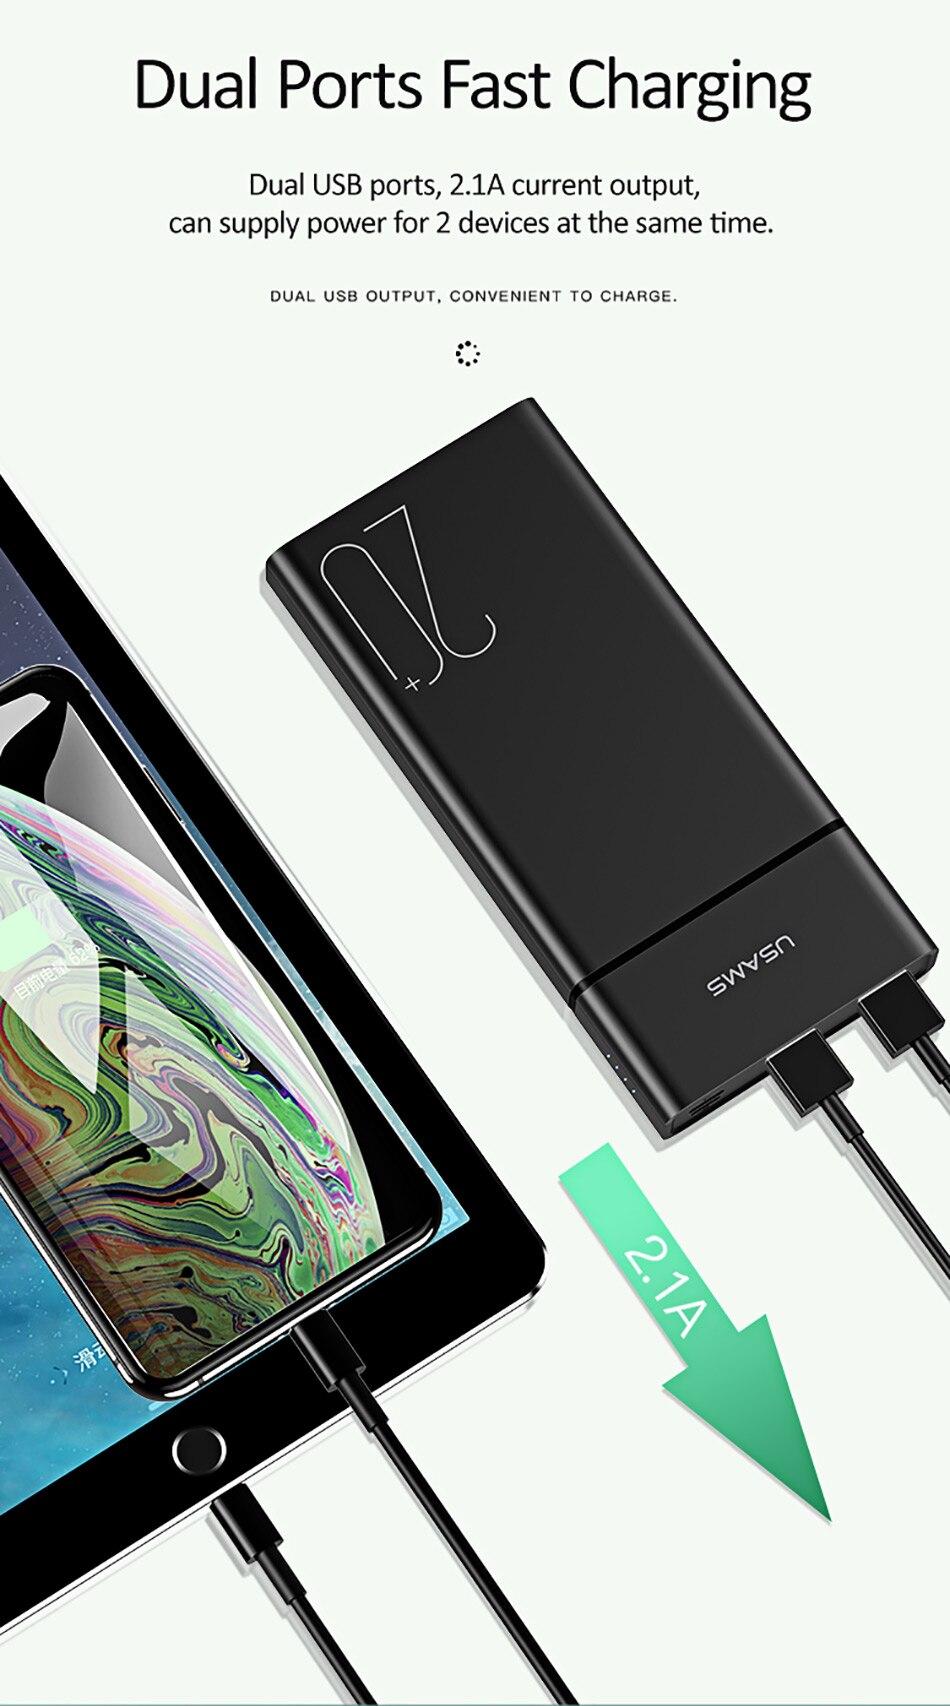 USAMS 20000 мАч Быстрая зарядка банка мощности для Xiaomi Mi 20000 мАч повербанк для iPhone зарядное устройство Внешний аккумулятор зарядное устройство Банк мощности